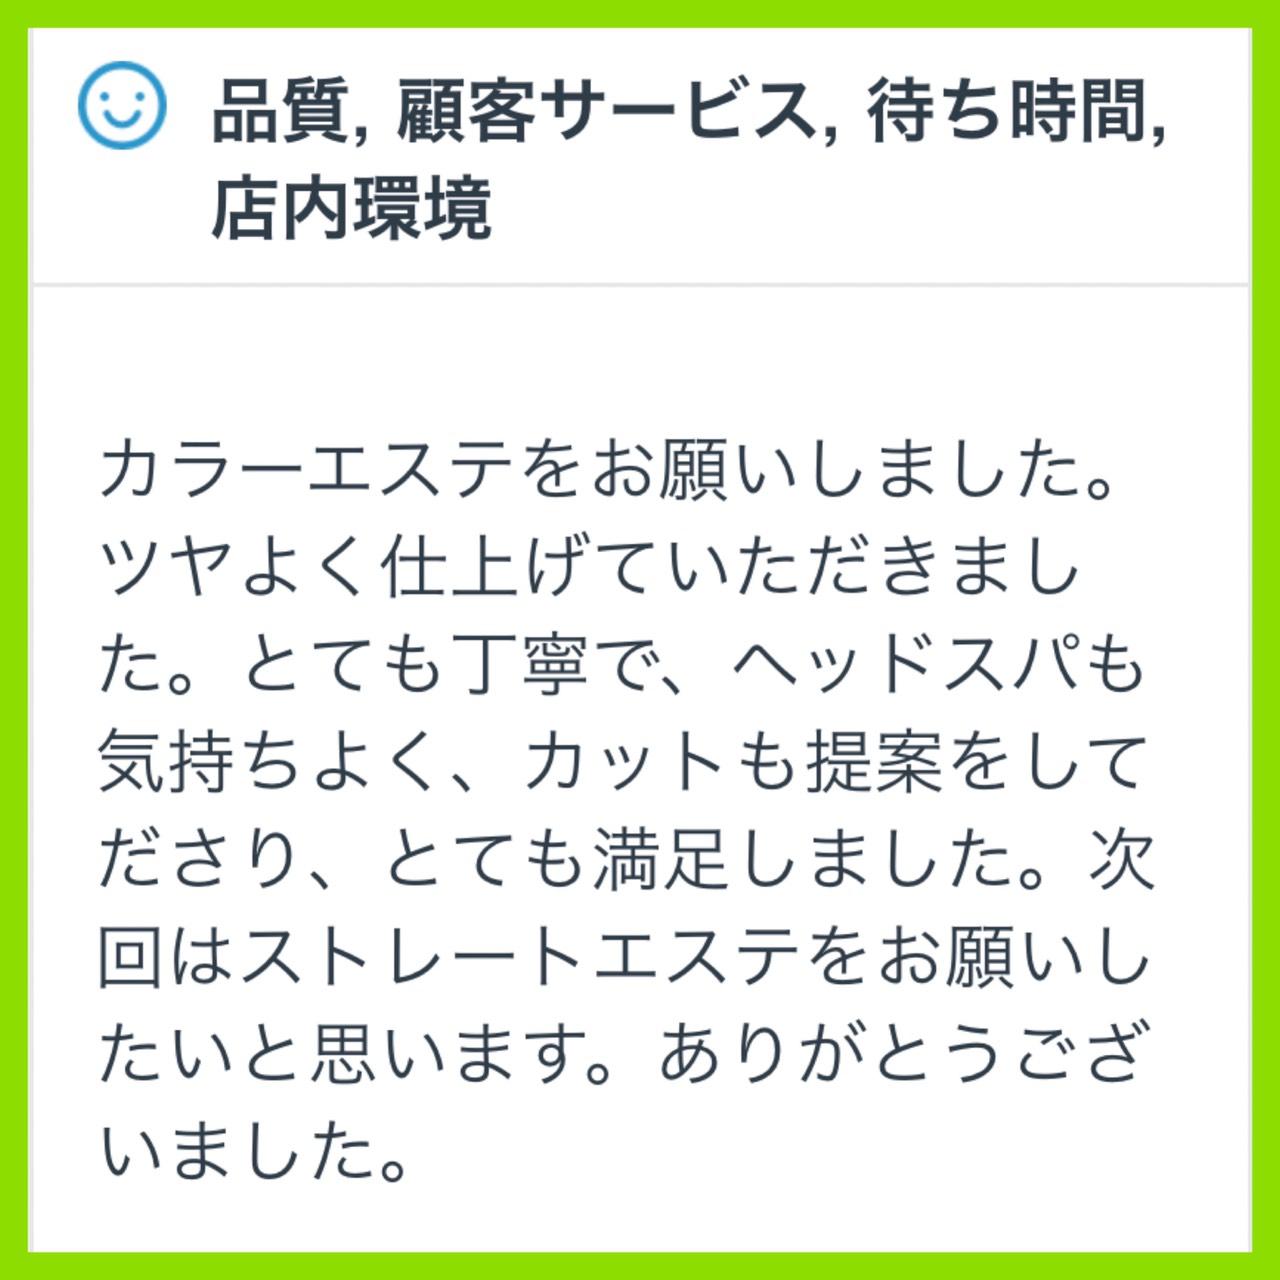 【☆クチコミ紹介☆】